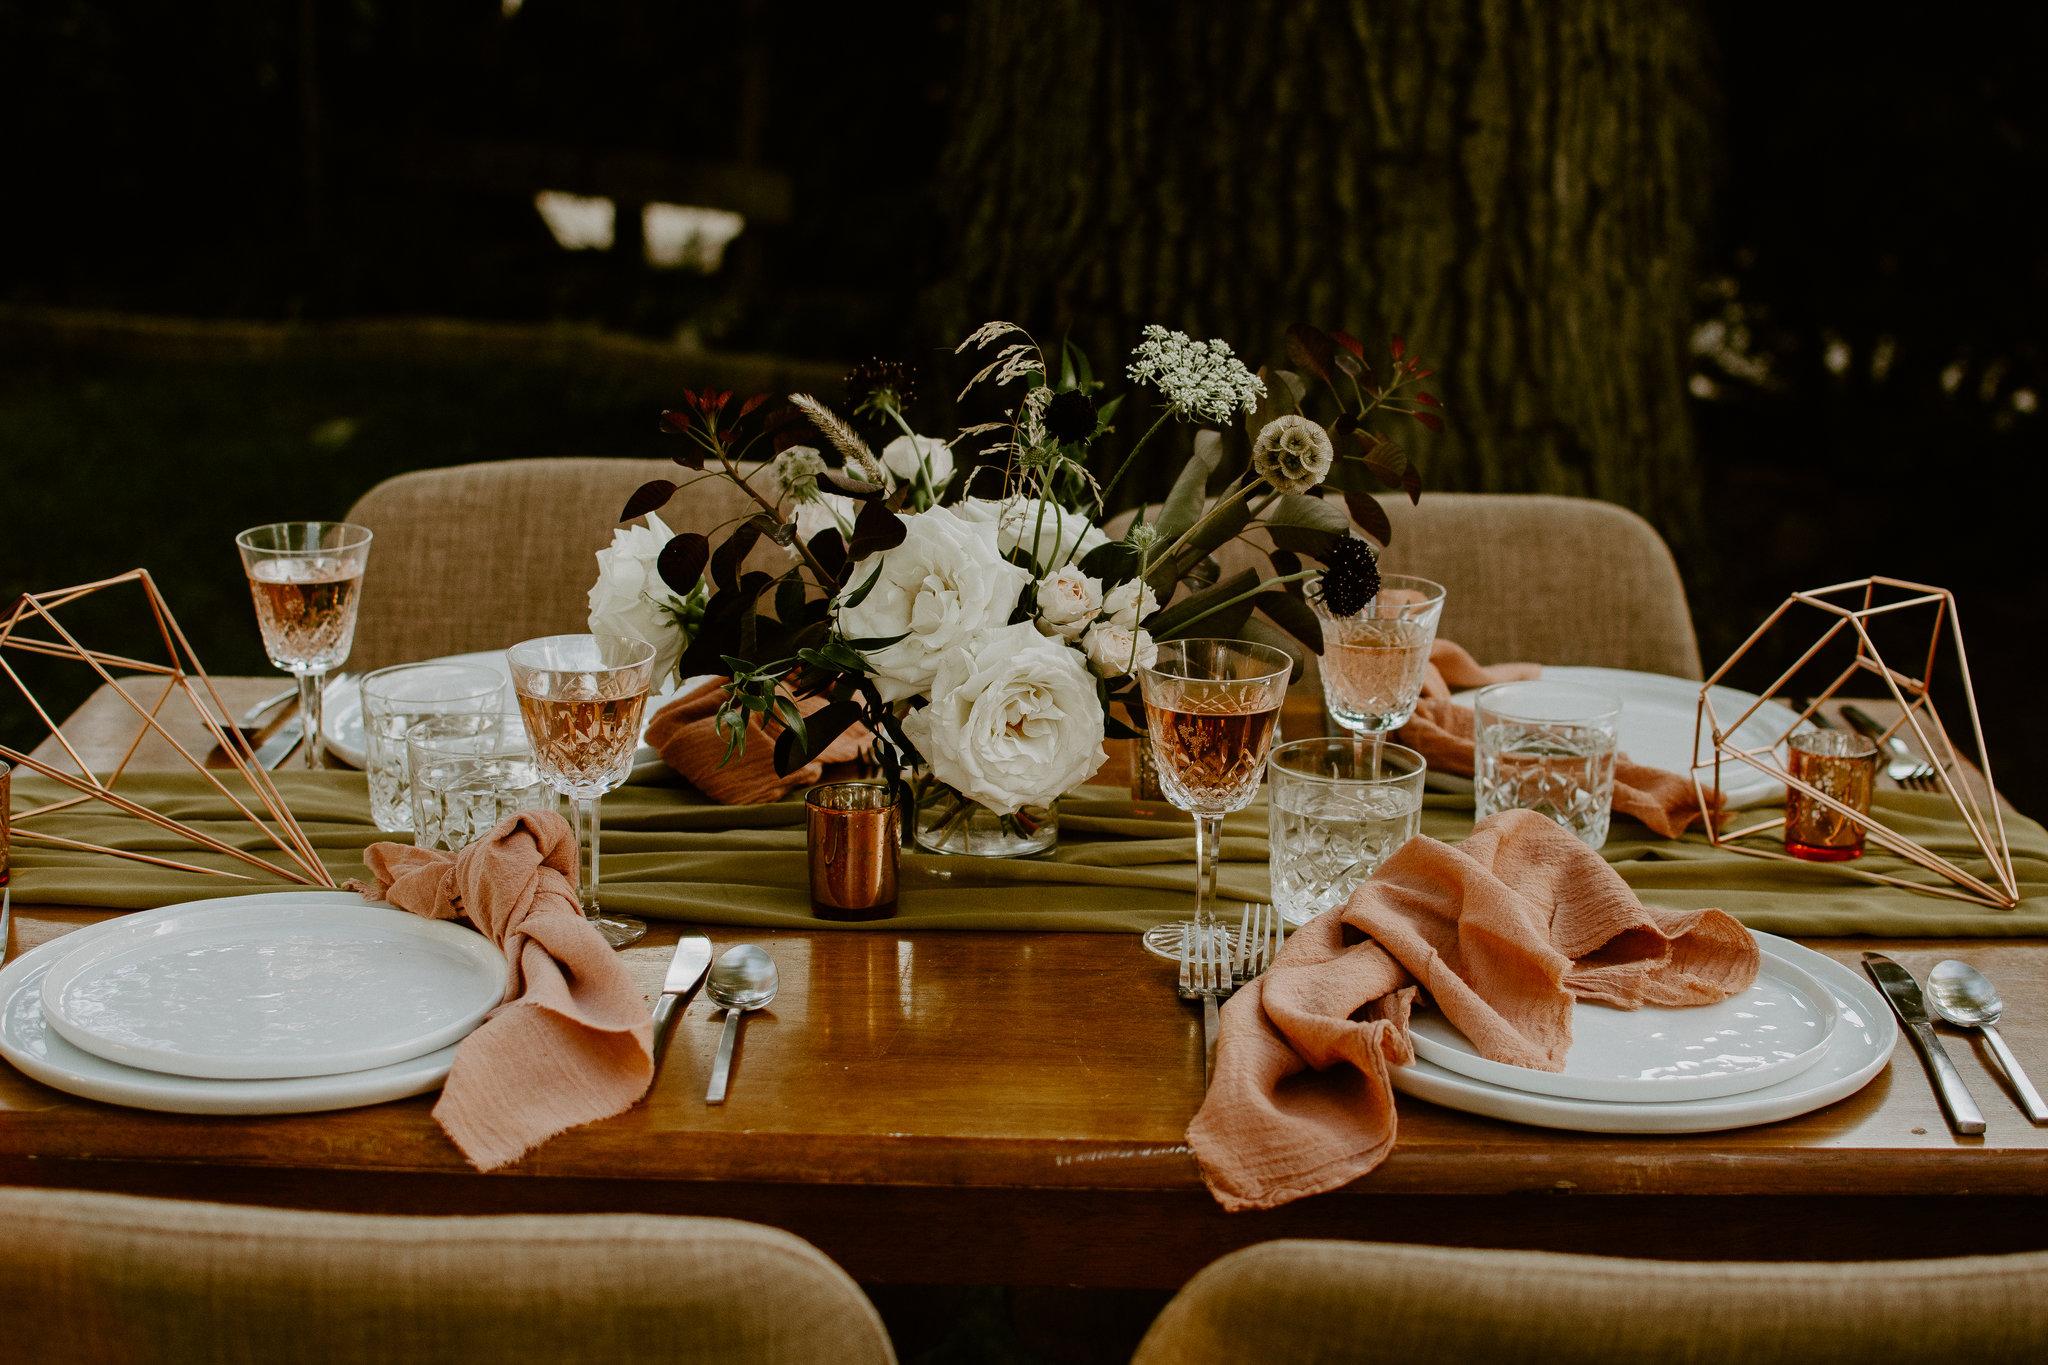 chartreuse-table-runner-terracotta-napkins.jpg